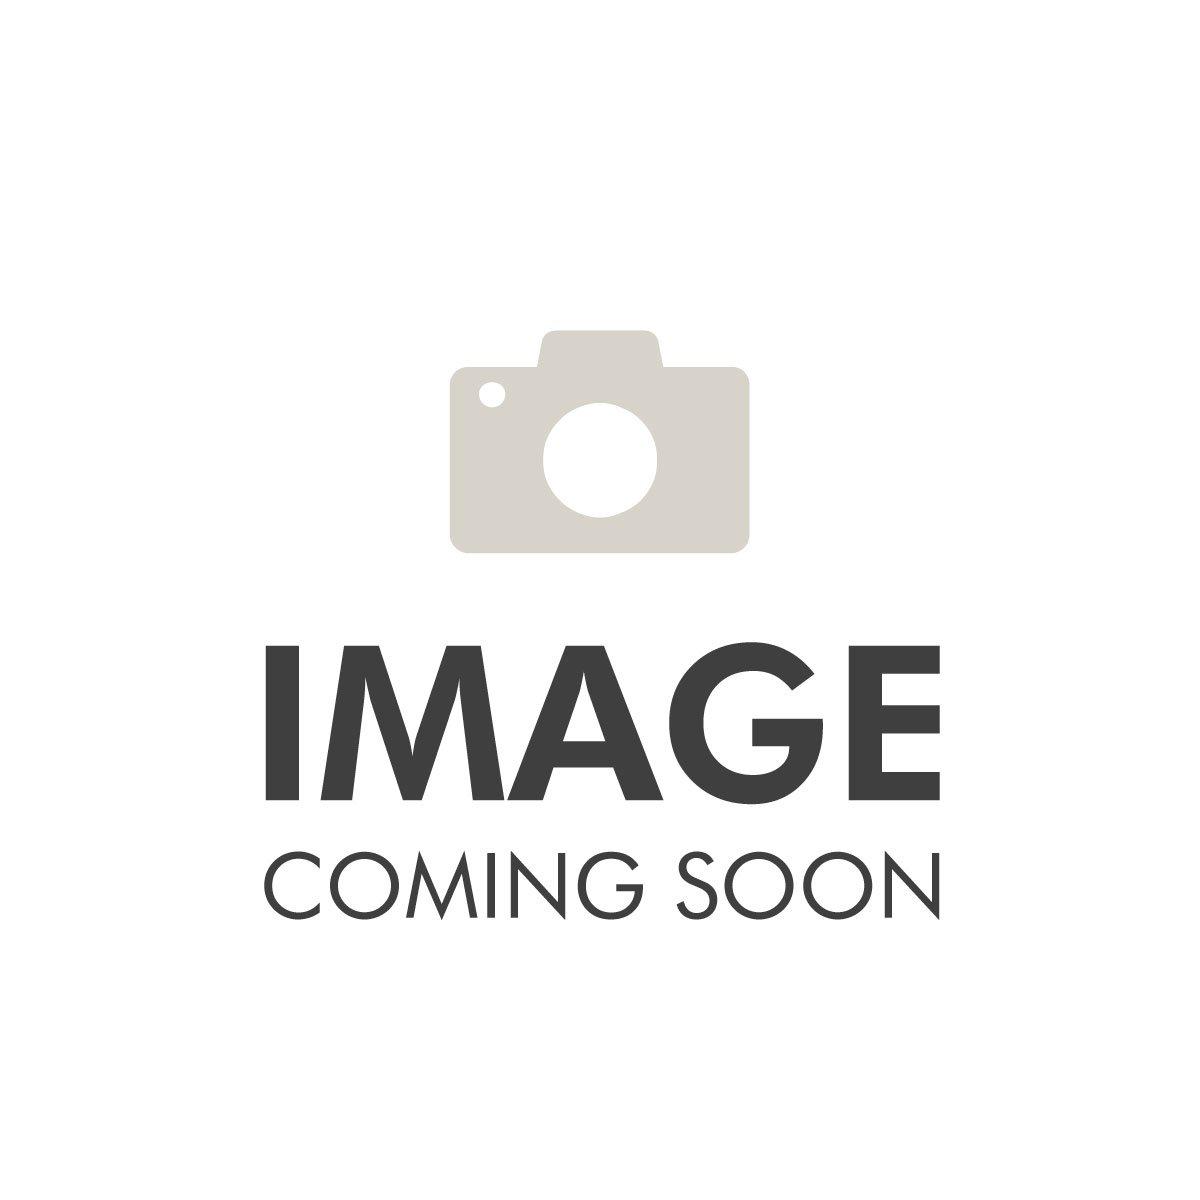 Negrini - Coussin de fleuret/sabre électrique - Feutre